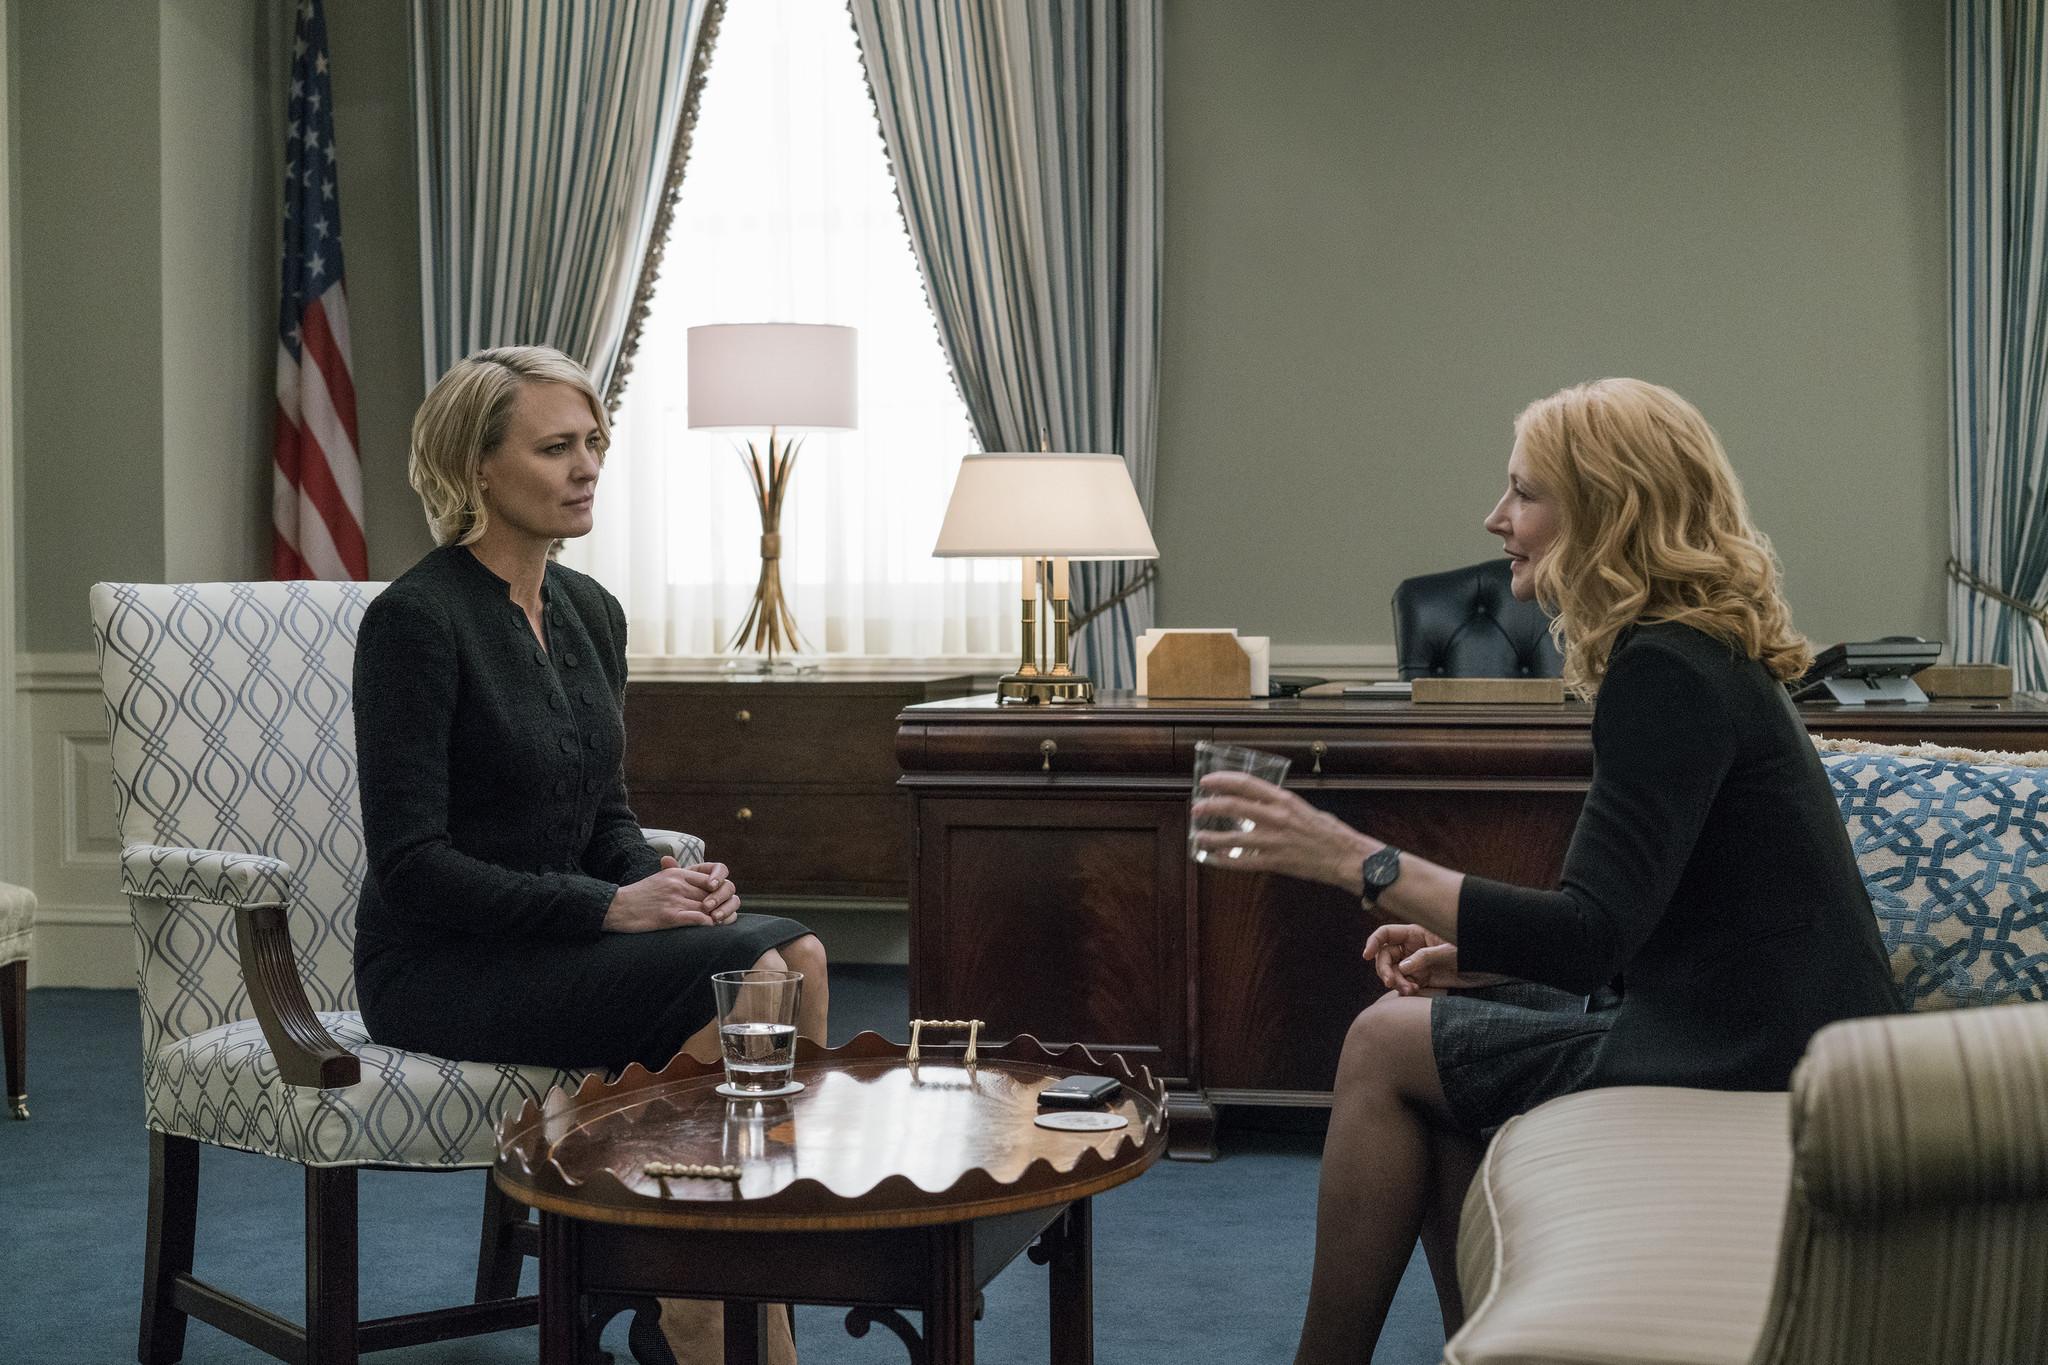 'House of Cards' Season 5, Episode 10 recap: Bombshell hearing - Baltimore Sun